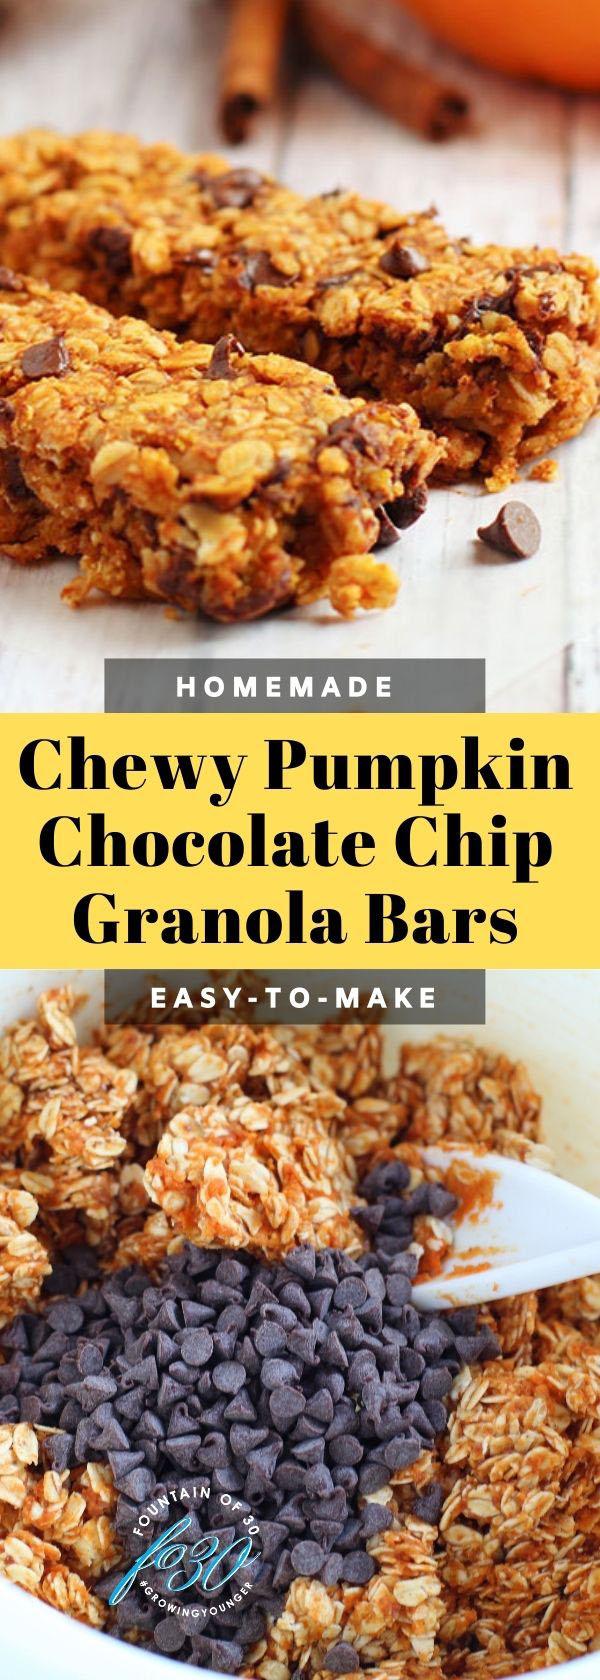 chewy pumpkin chocolate chip granola bars fountainof30